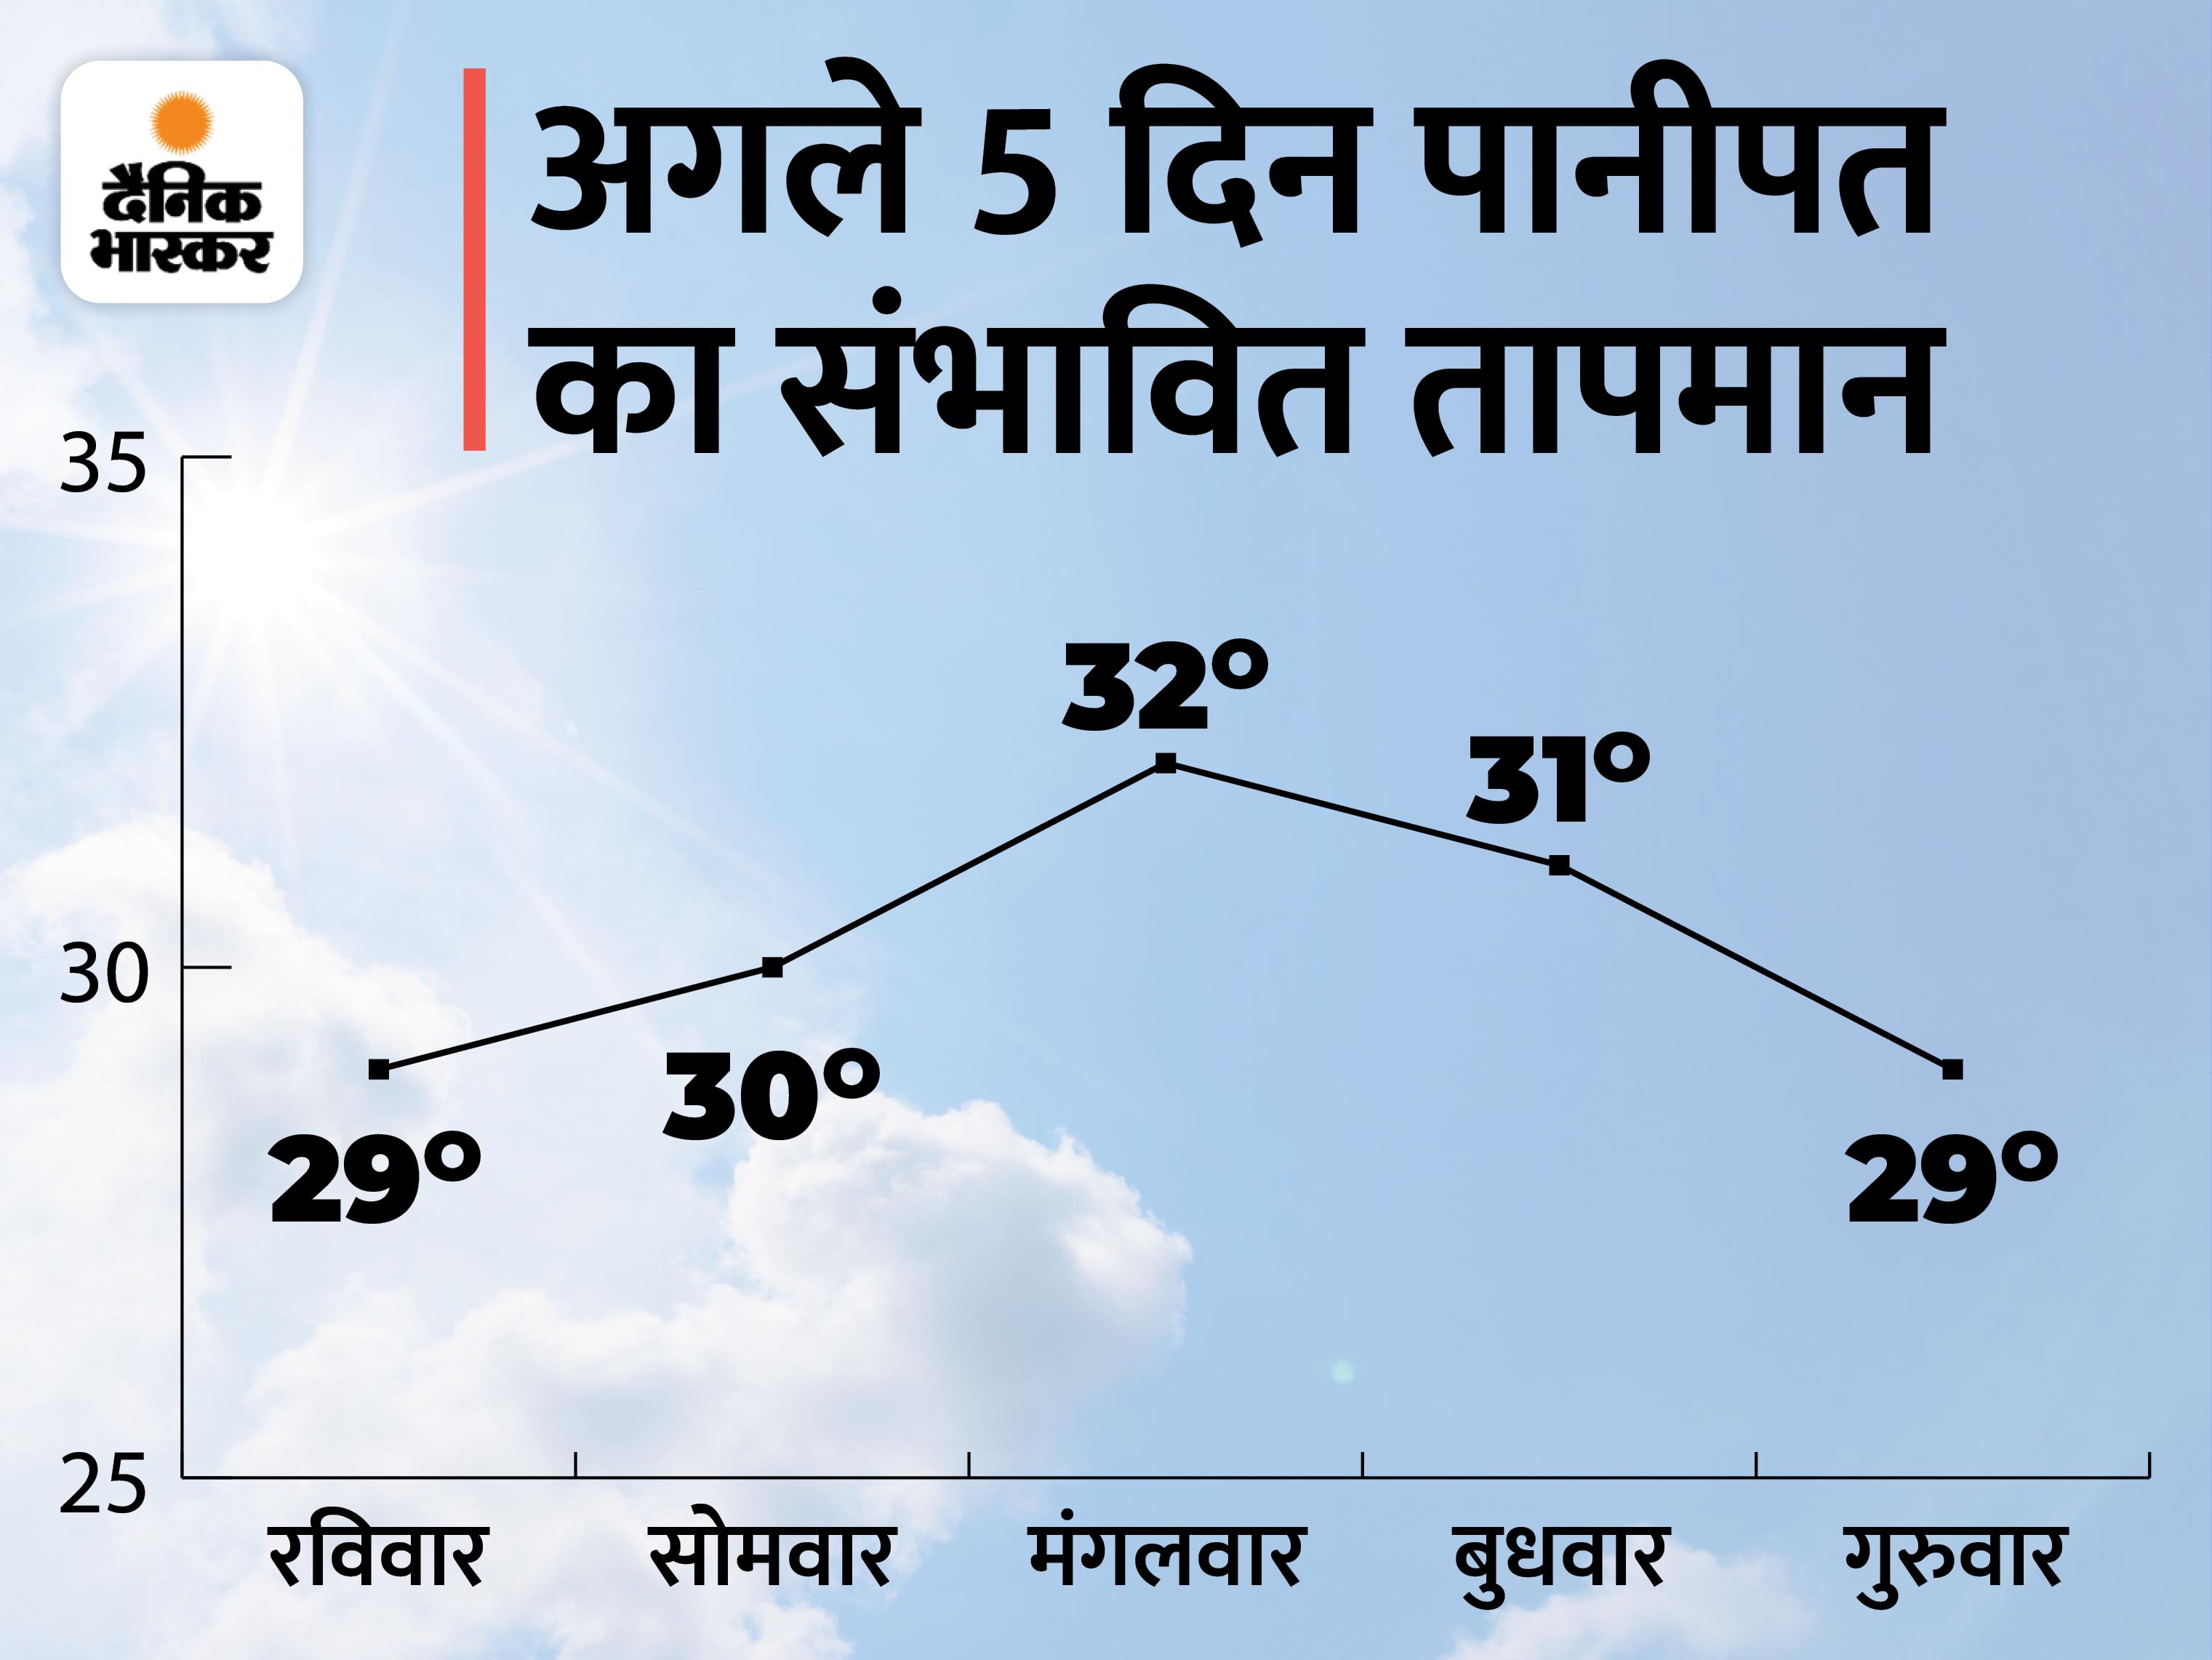 सुबह से ही झमाझम बरसे बदरा; 1 डिग्री गिरा दिन का तापमान, जलभराव की स्थिति भी बनी|पानीपत,Panipat - Dainik Bhaskar